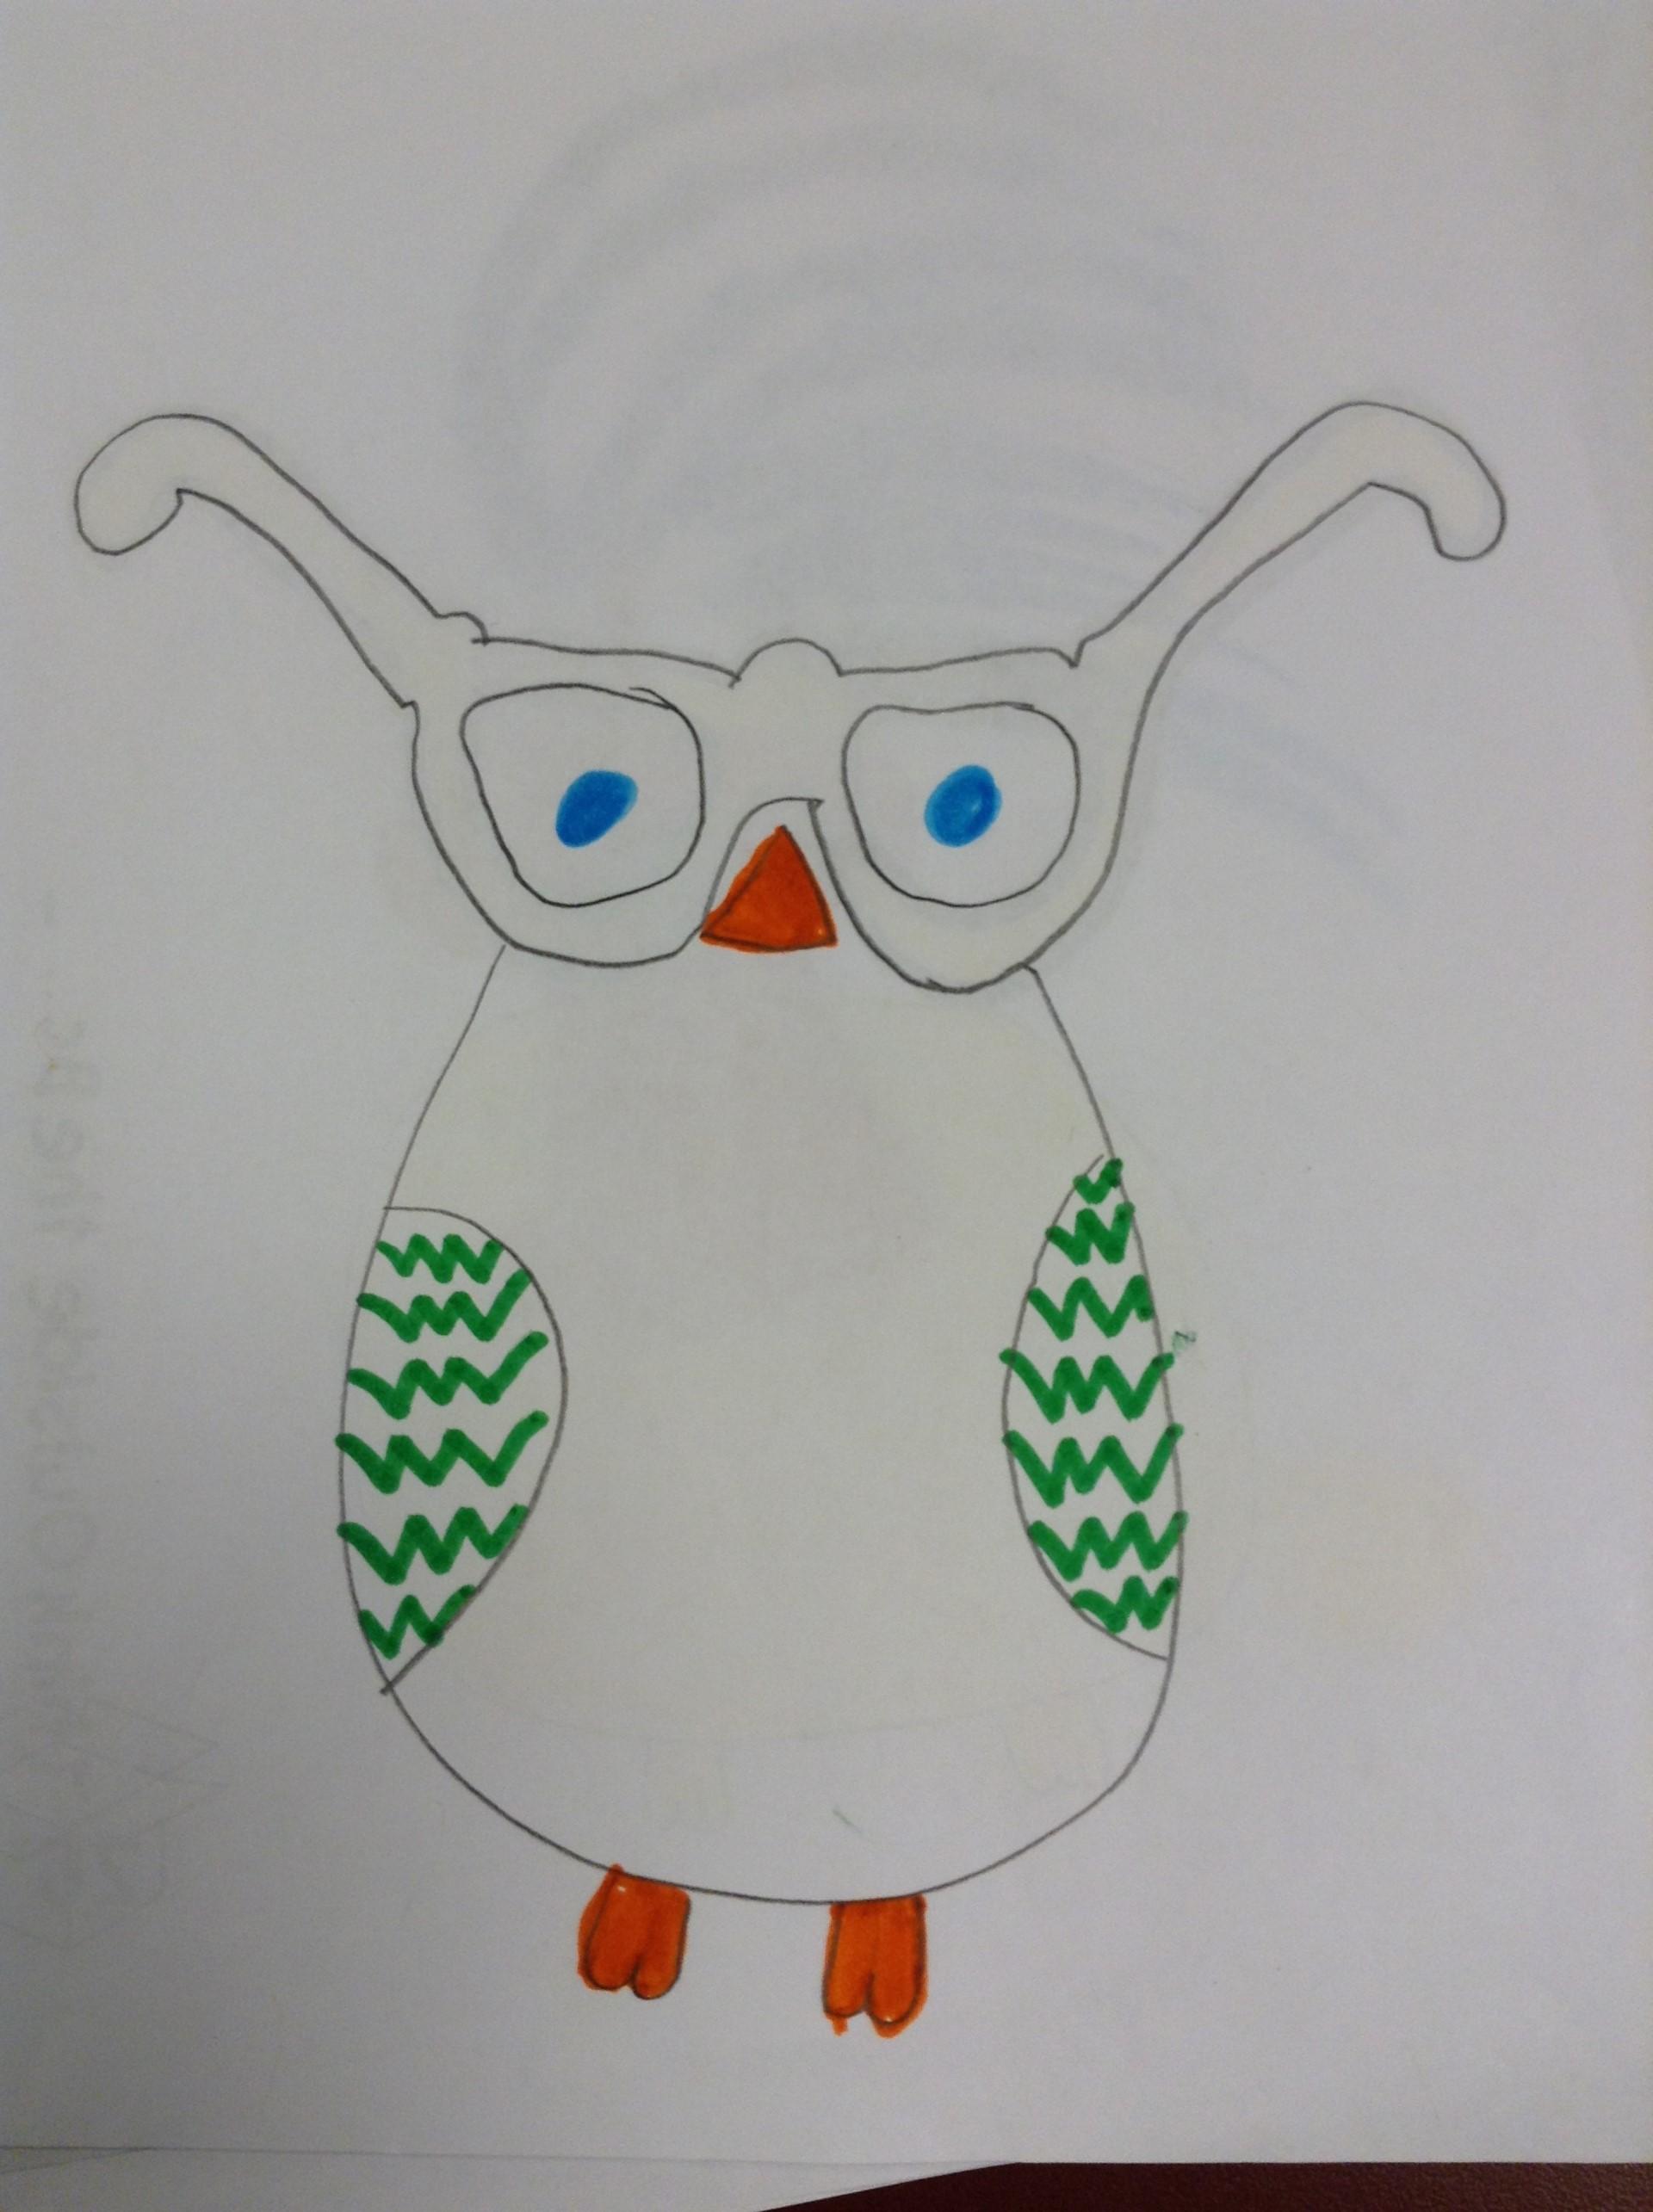 Justice M.'s owl